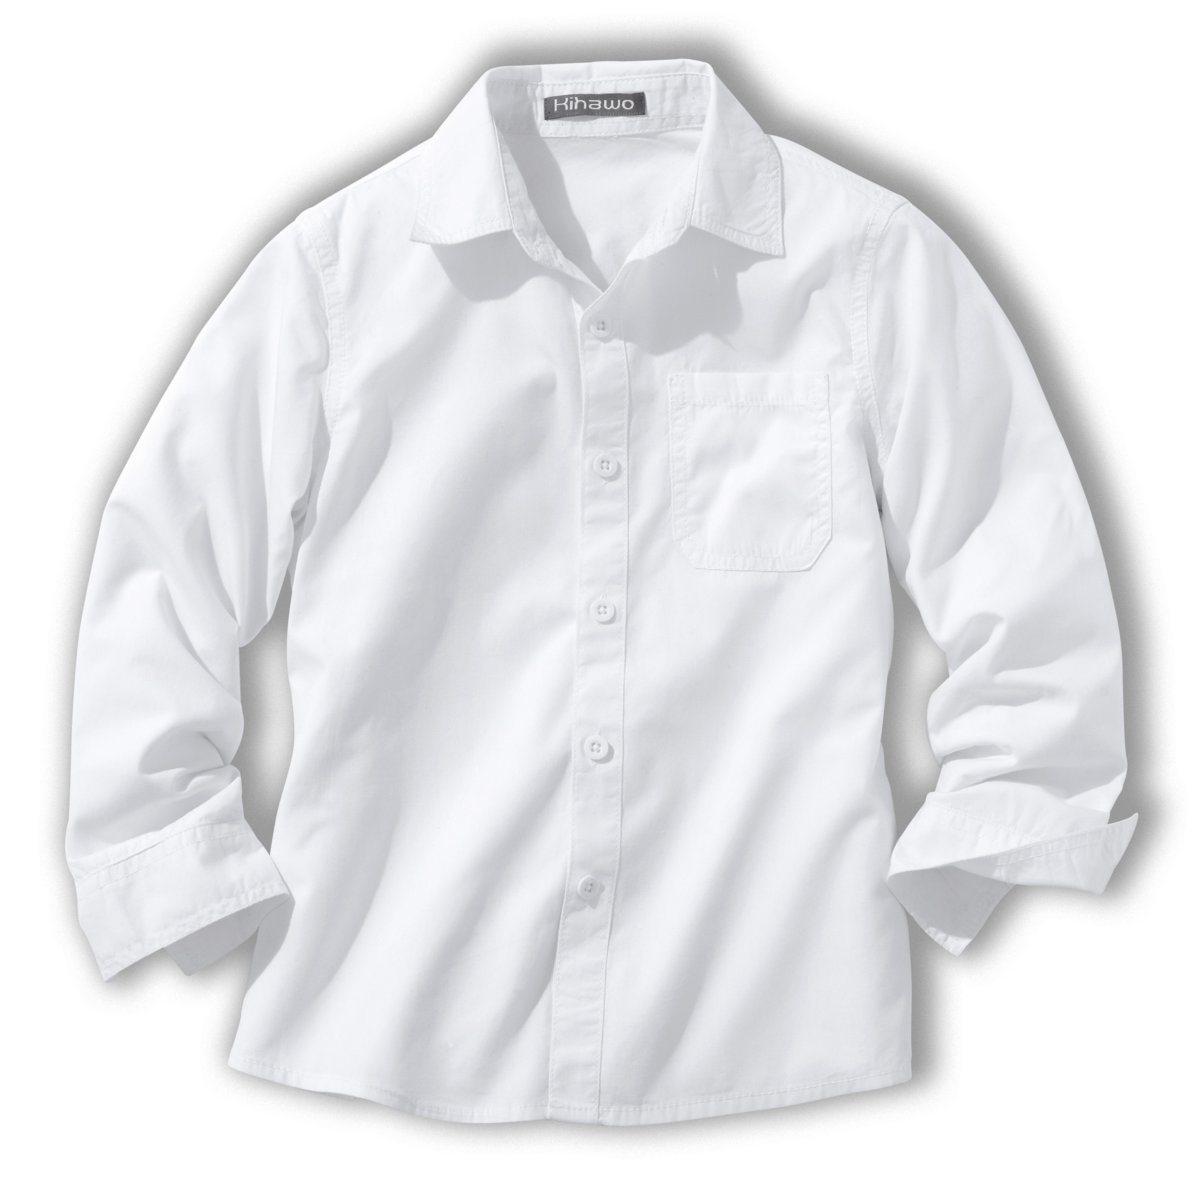 Рубашка однотонная, 3-12 лет от La Redoute